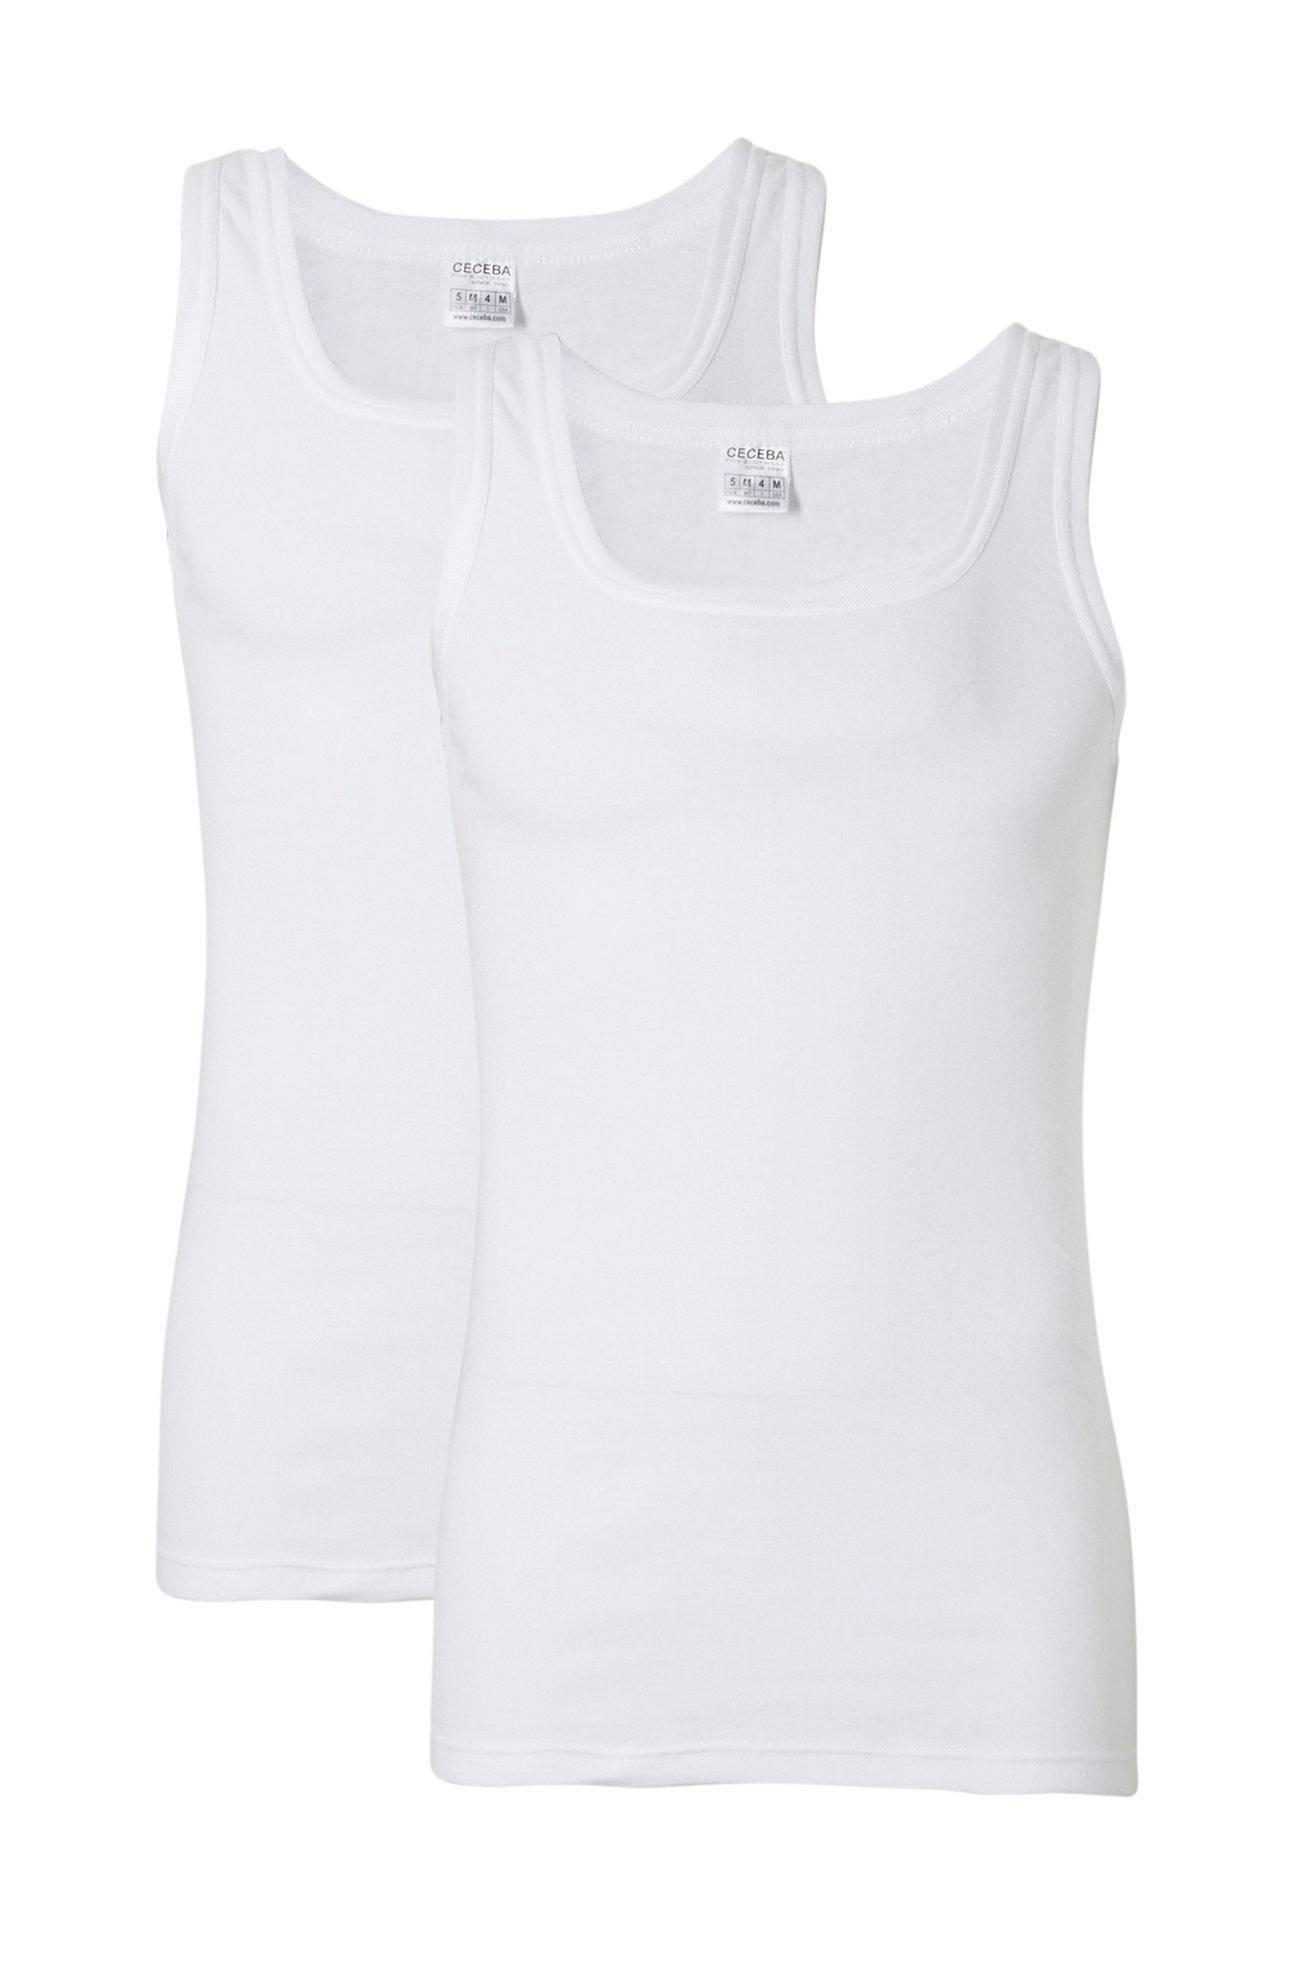 Ceceba +size hemd (set van 2) (heren)